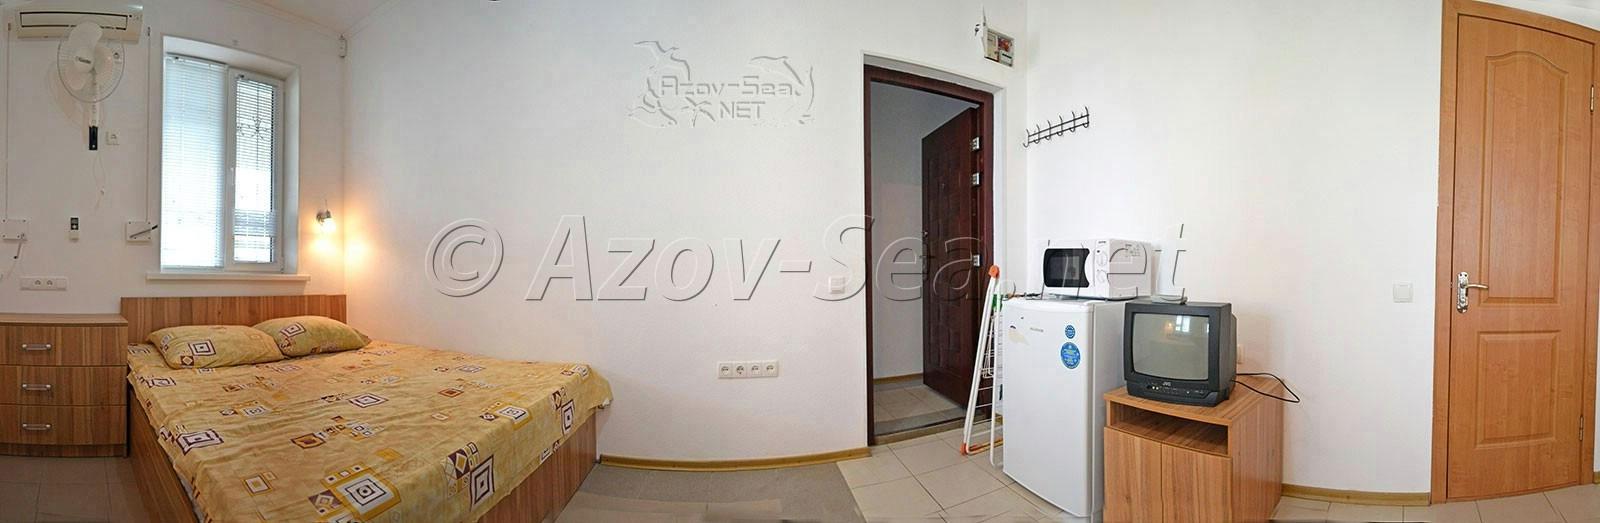 Номер 22 - Пансионат Степановка